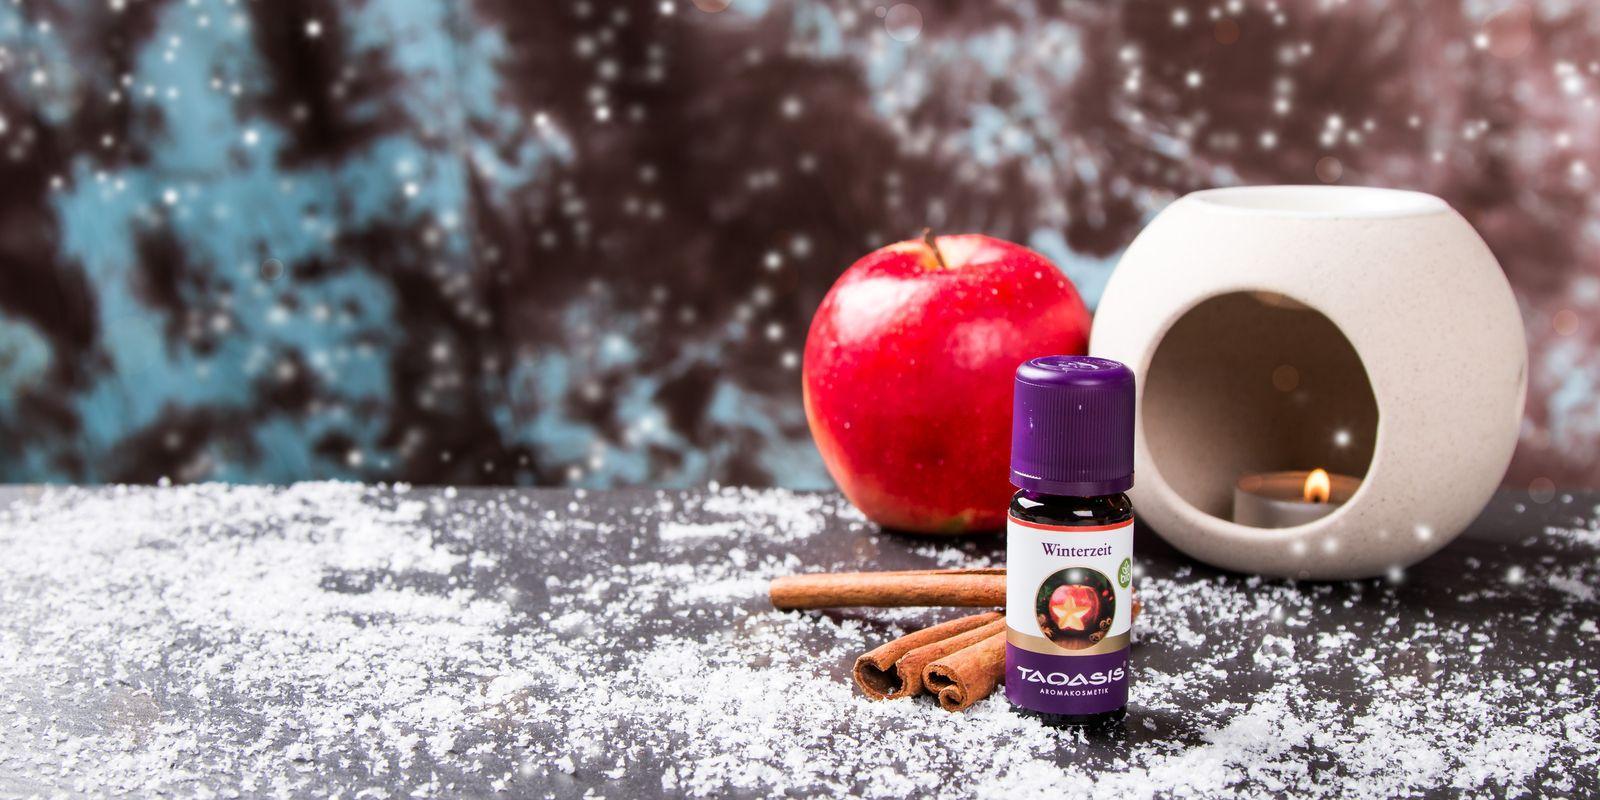 Vše, co chcete vědět o aromaterapii